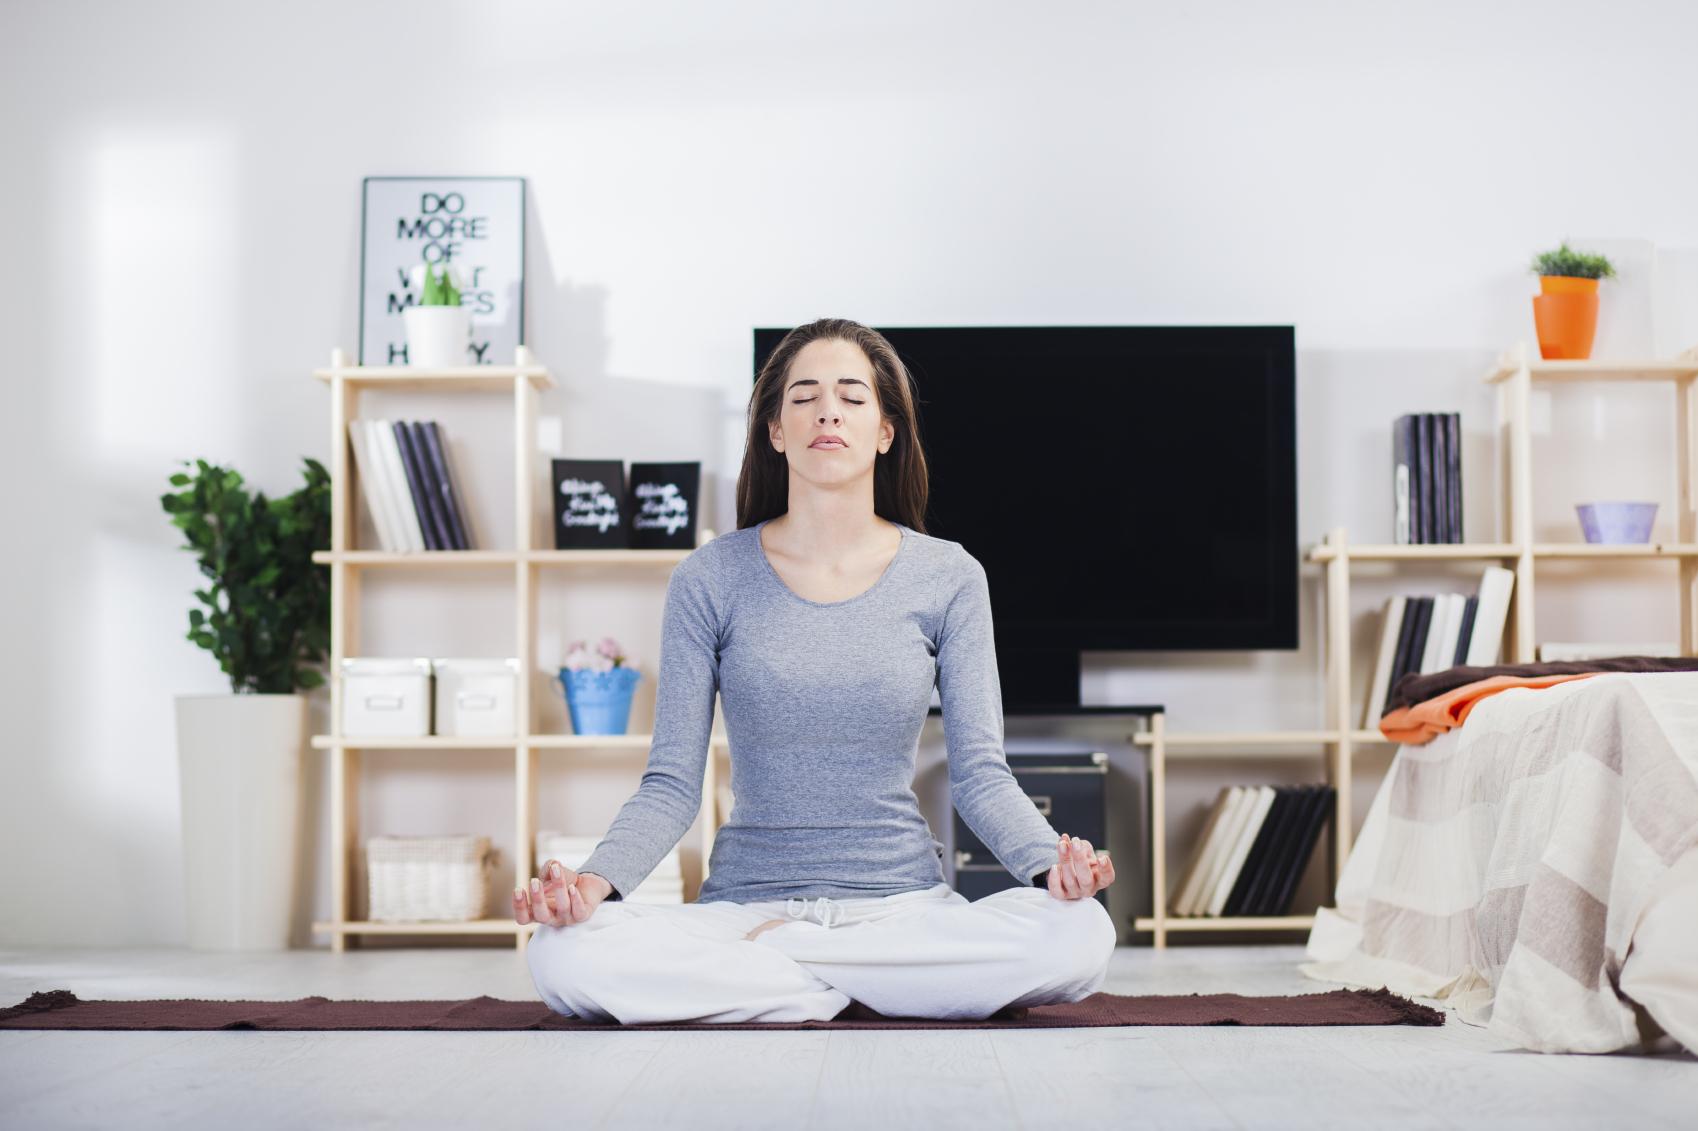 kvinde-laver-yoga-hjemme-i-stuen